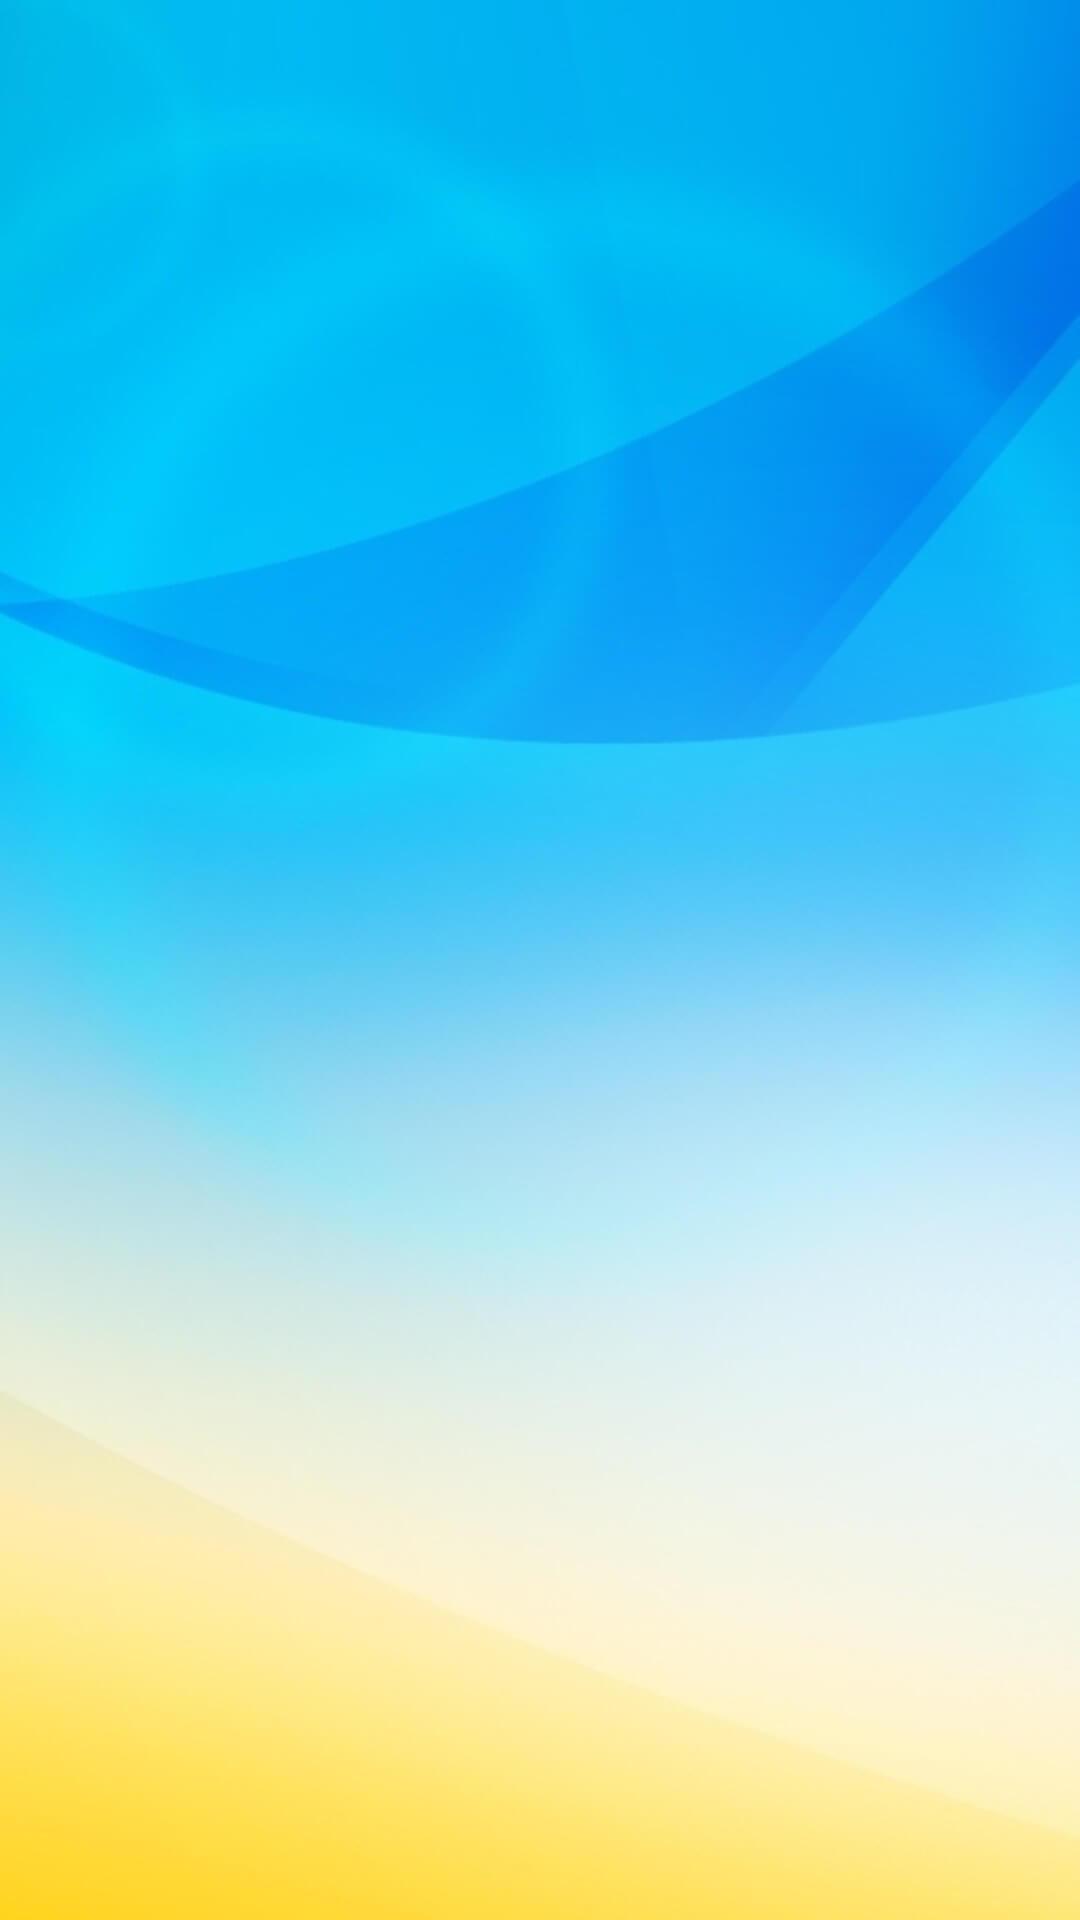 hình ảnh cho điện thoại Iphone chất lượng 4k số 22